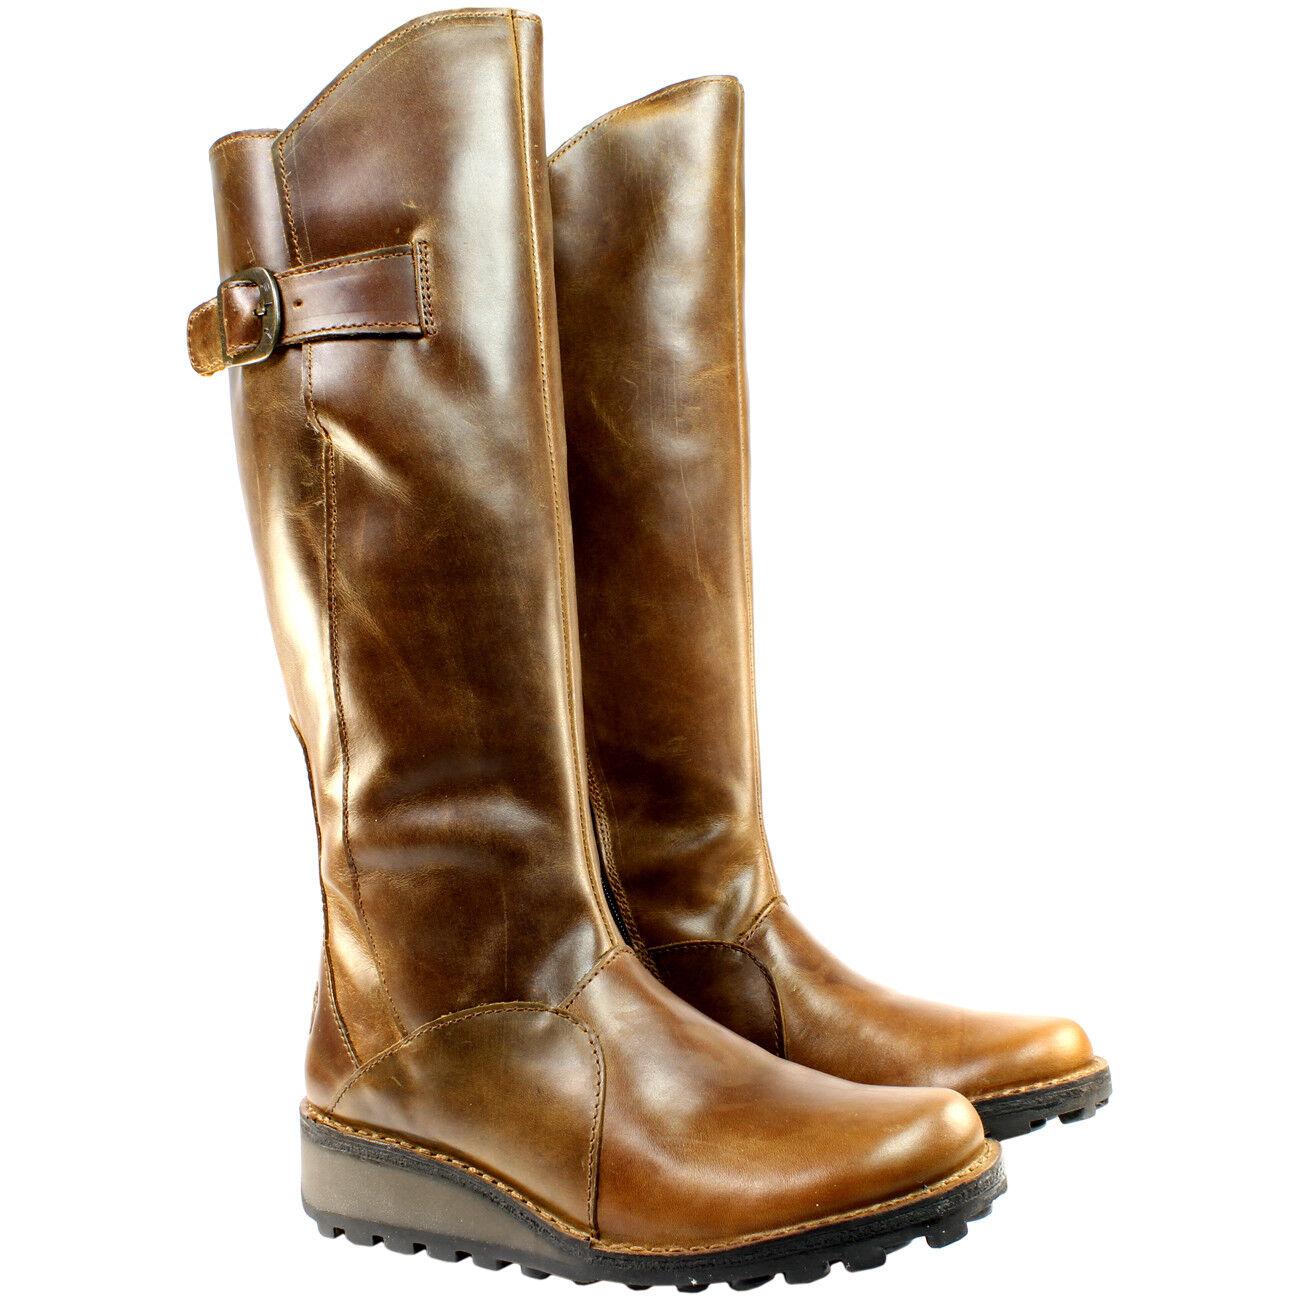 Zapatos de mujer baratos zapatos de mujer bajo, Fly London Mol 2 bajo, mujer Botas Altura Rodilla Camel 1e8766